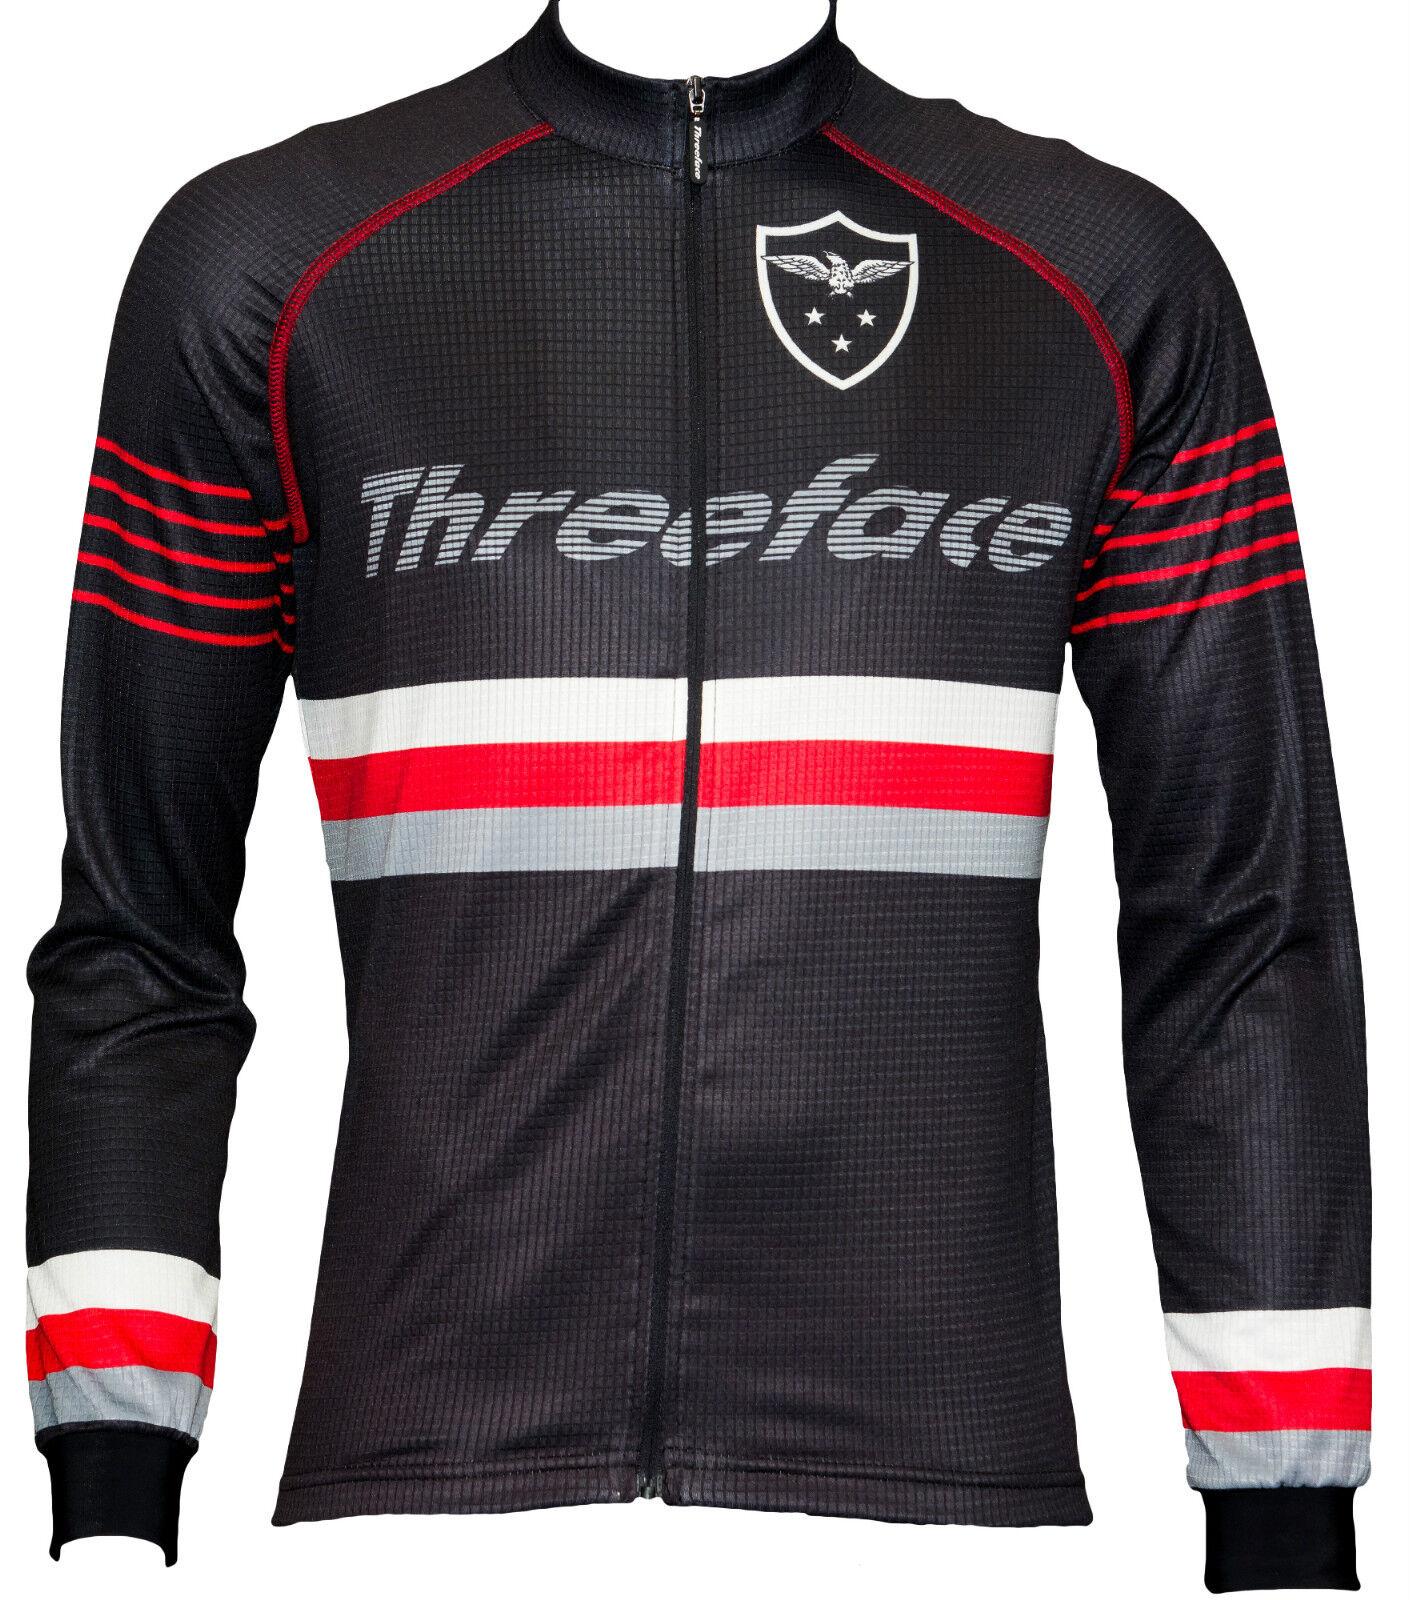 Maglia manica lunga ciclismo termica traspirante giacca leggera black autunno